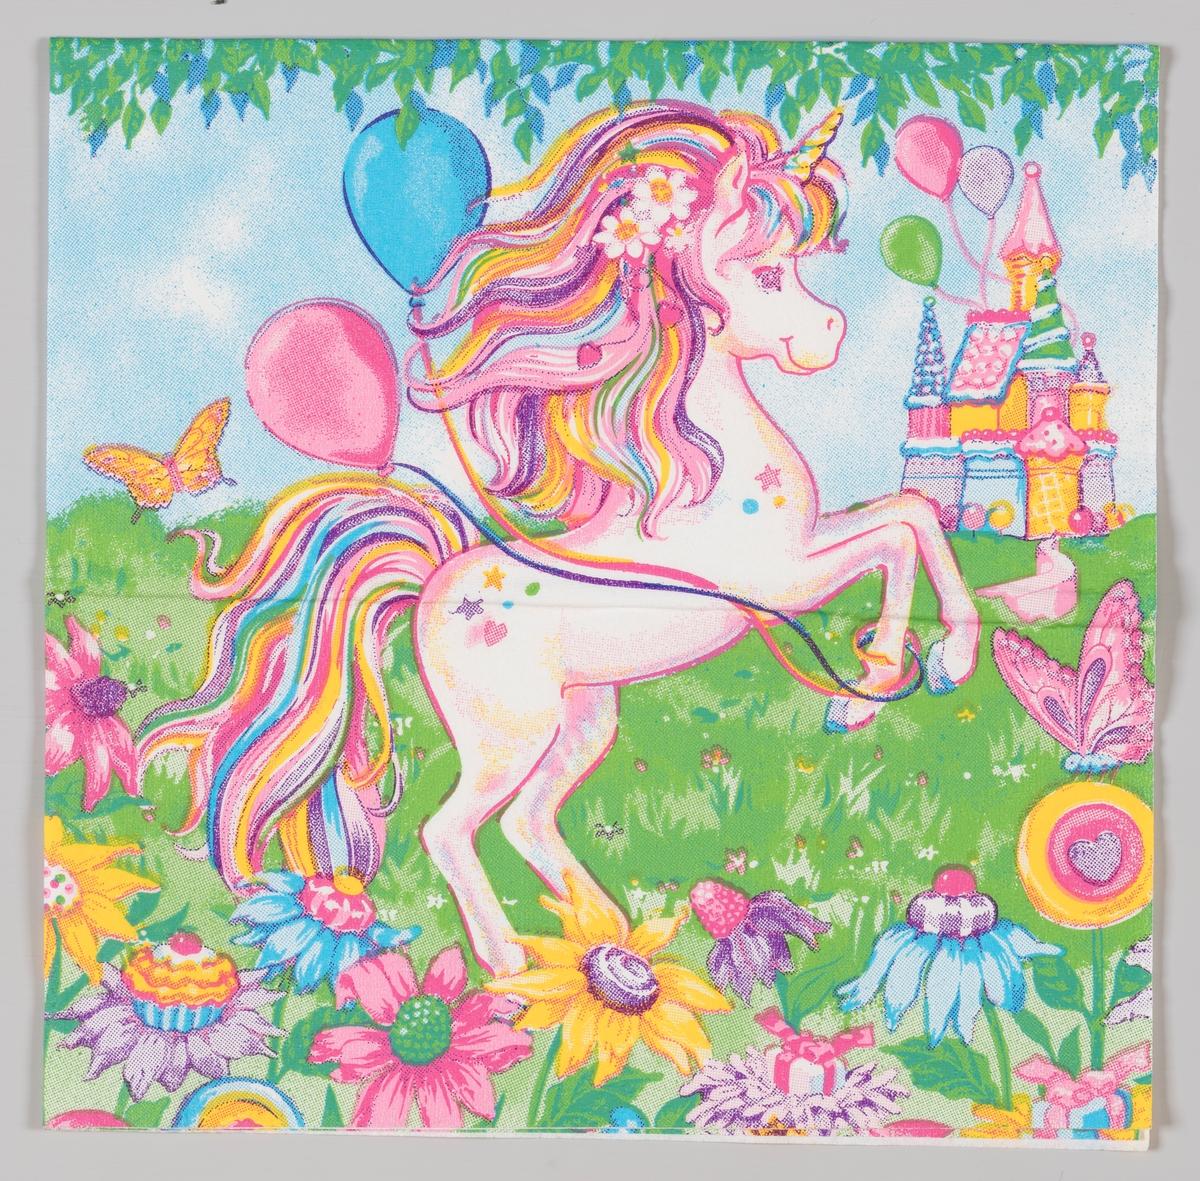 My Little Pony med ballonger og et eventyrslott blant mange blomster.  My Little Pony er en merkevare med fargerike ponnifigurer i plast som kom i salg i begynnelsen av 1980-tallet.